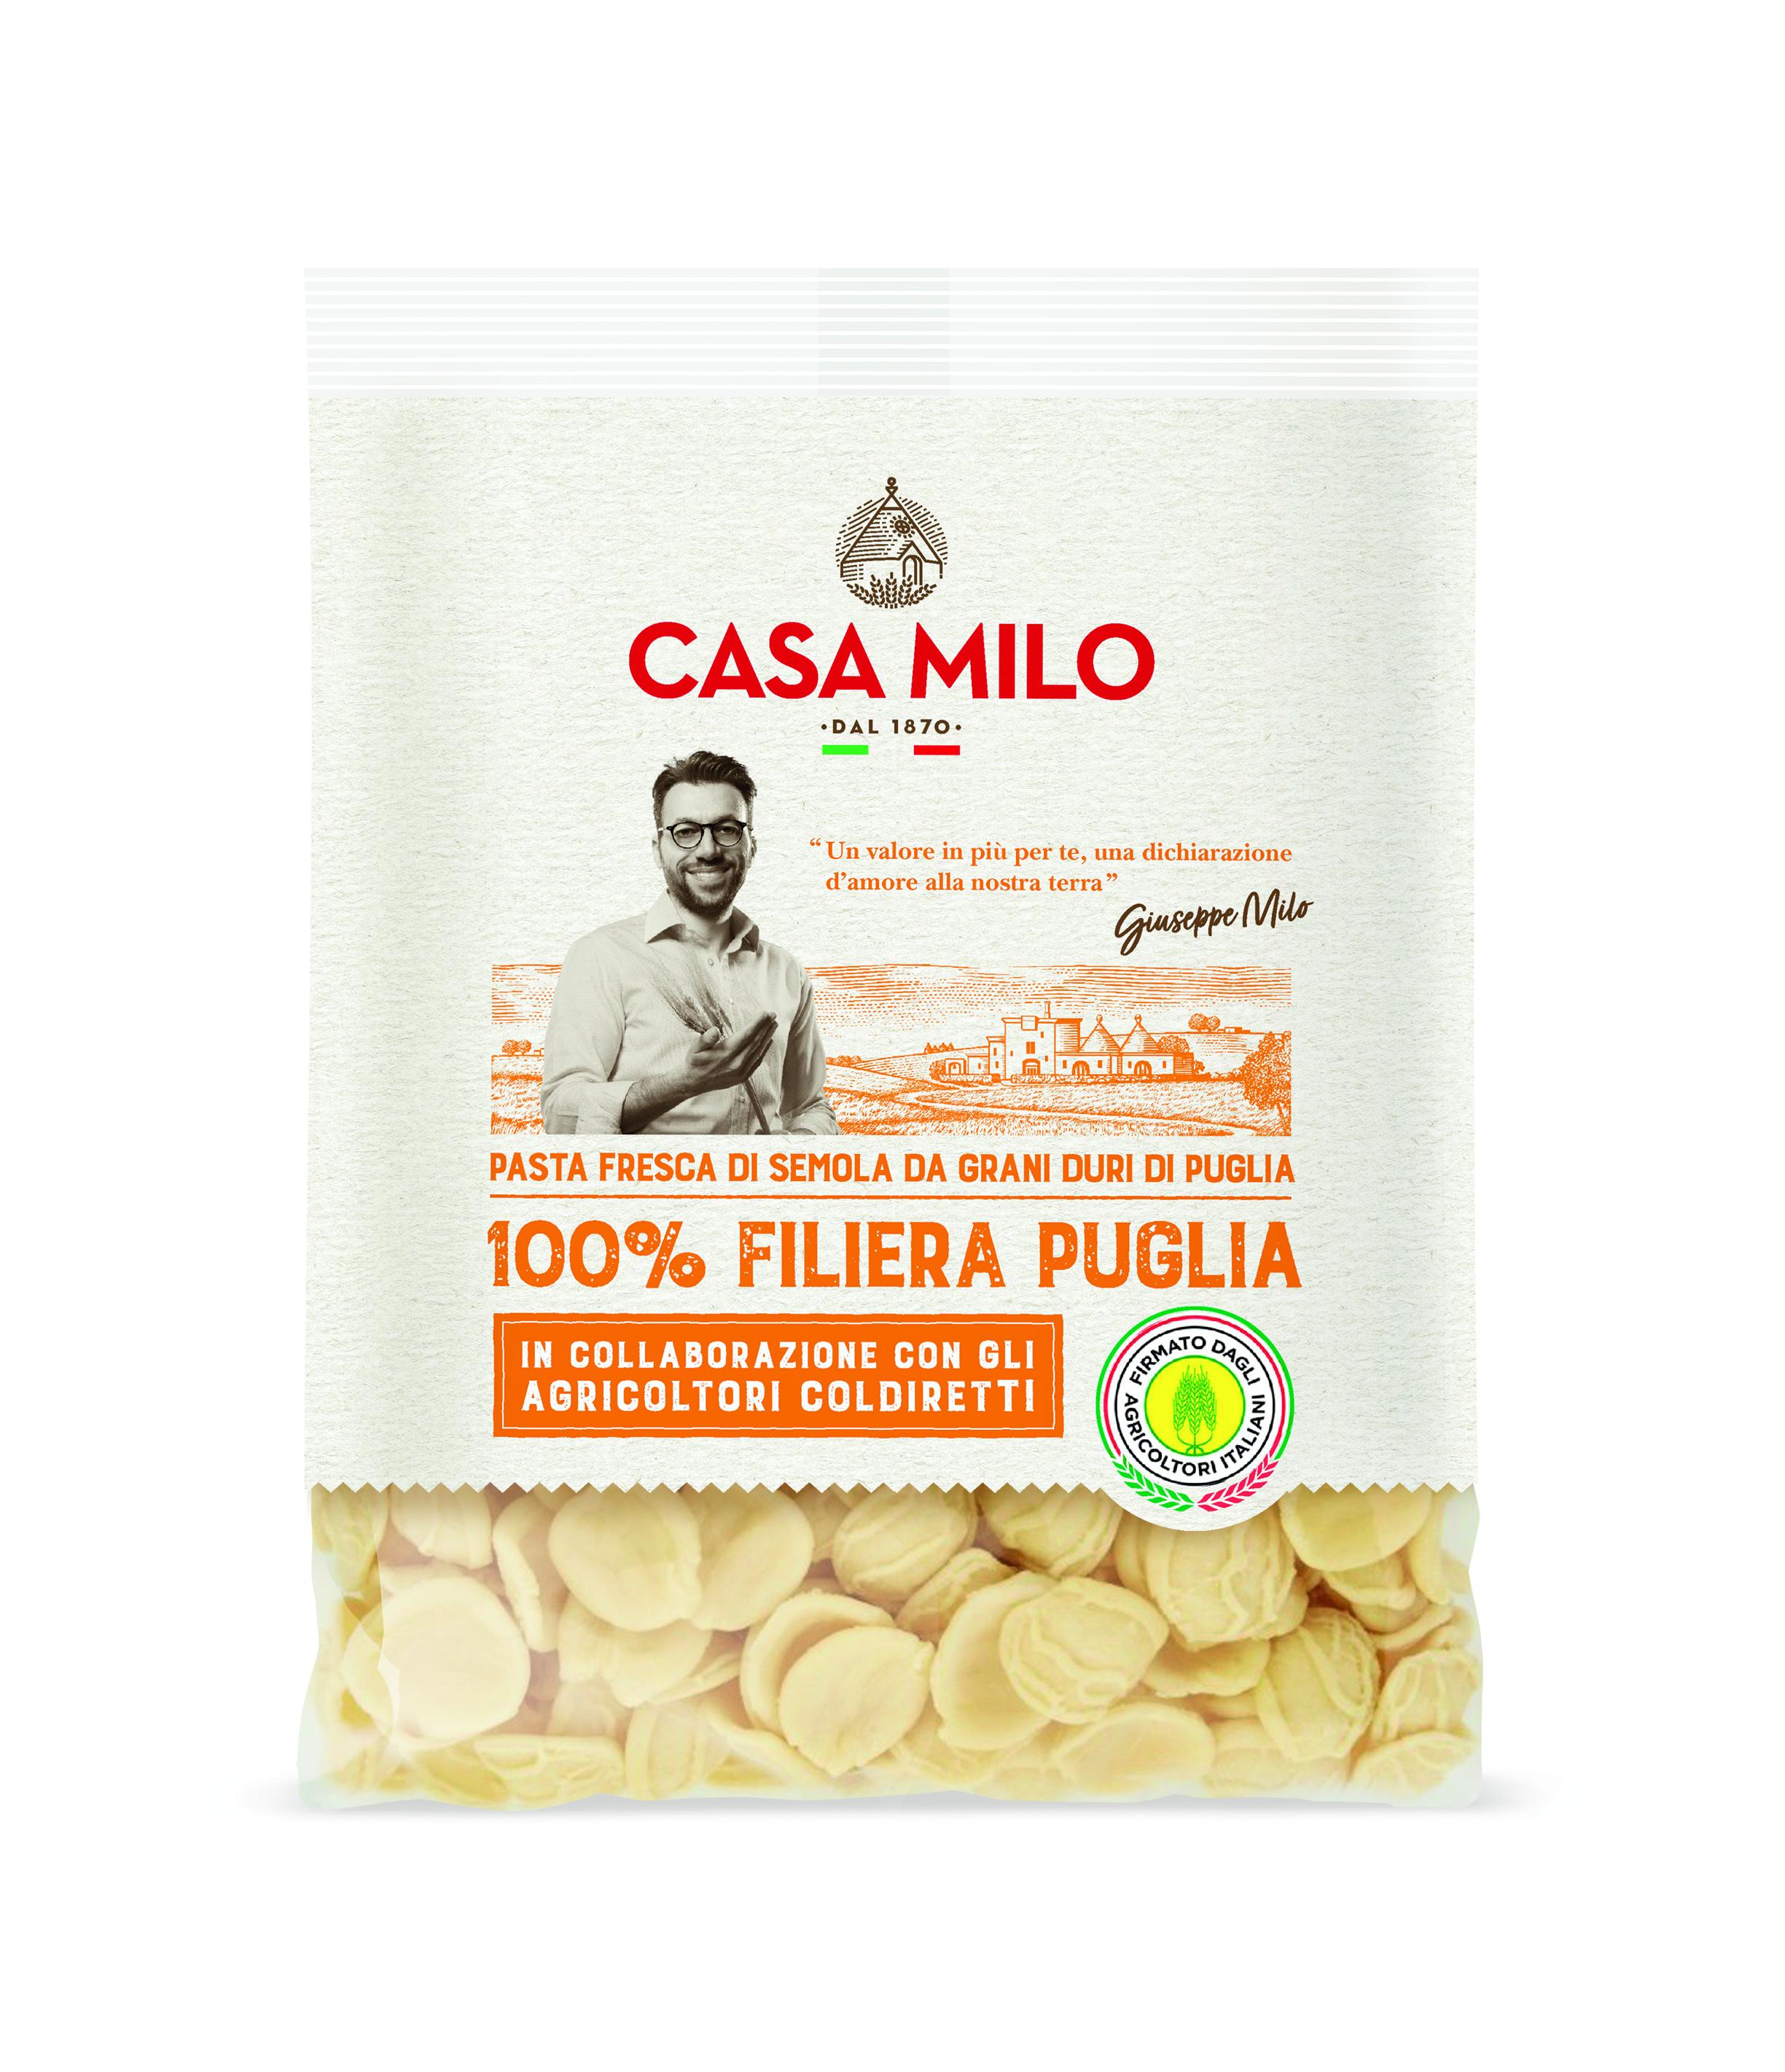 Casa Milo lancia la nuova linea 100% Filiera Puglia